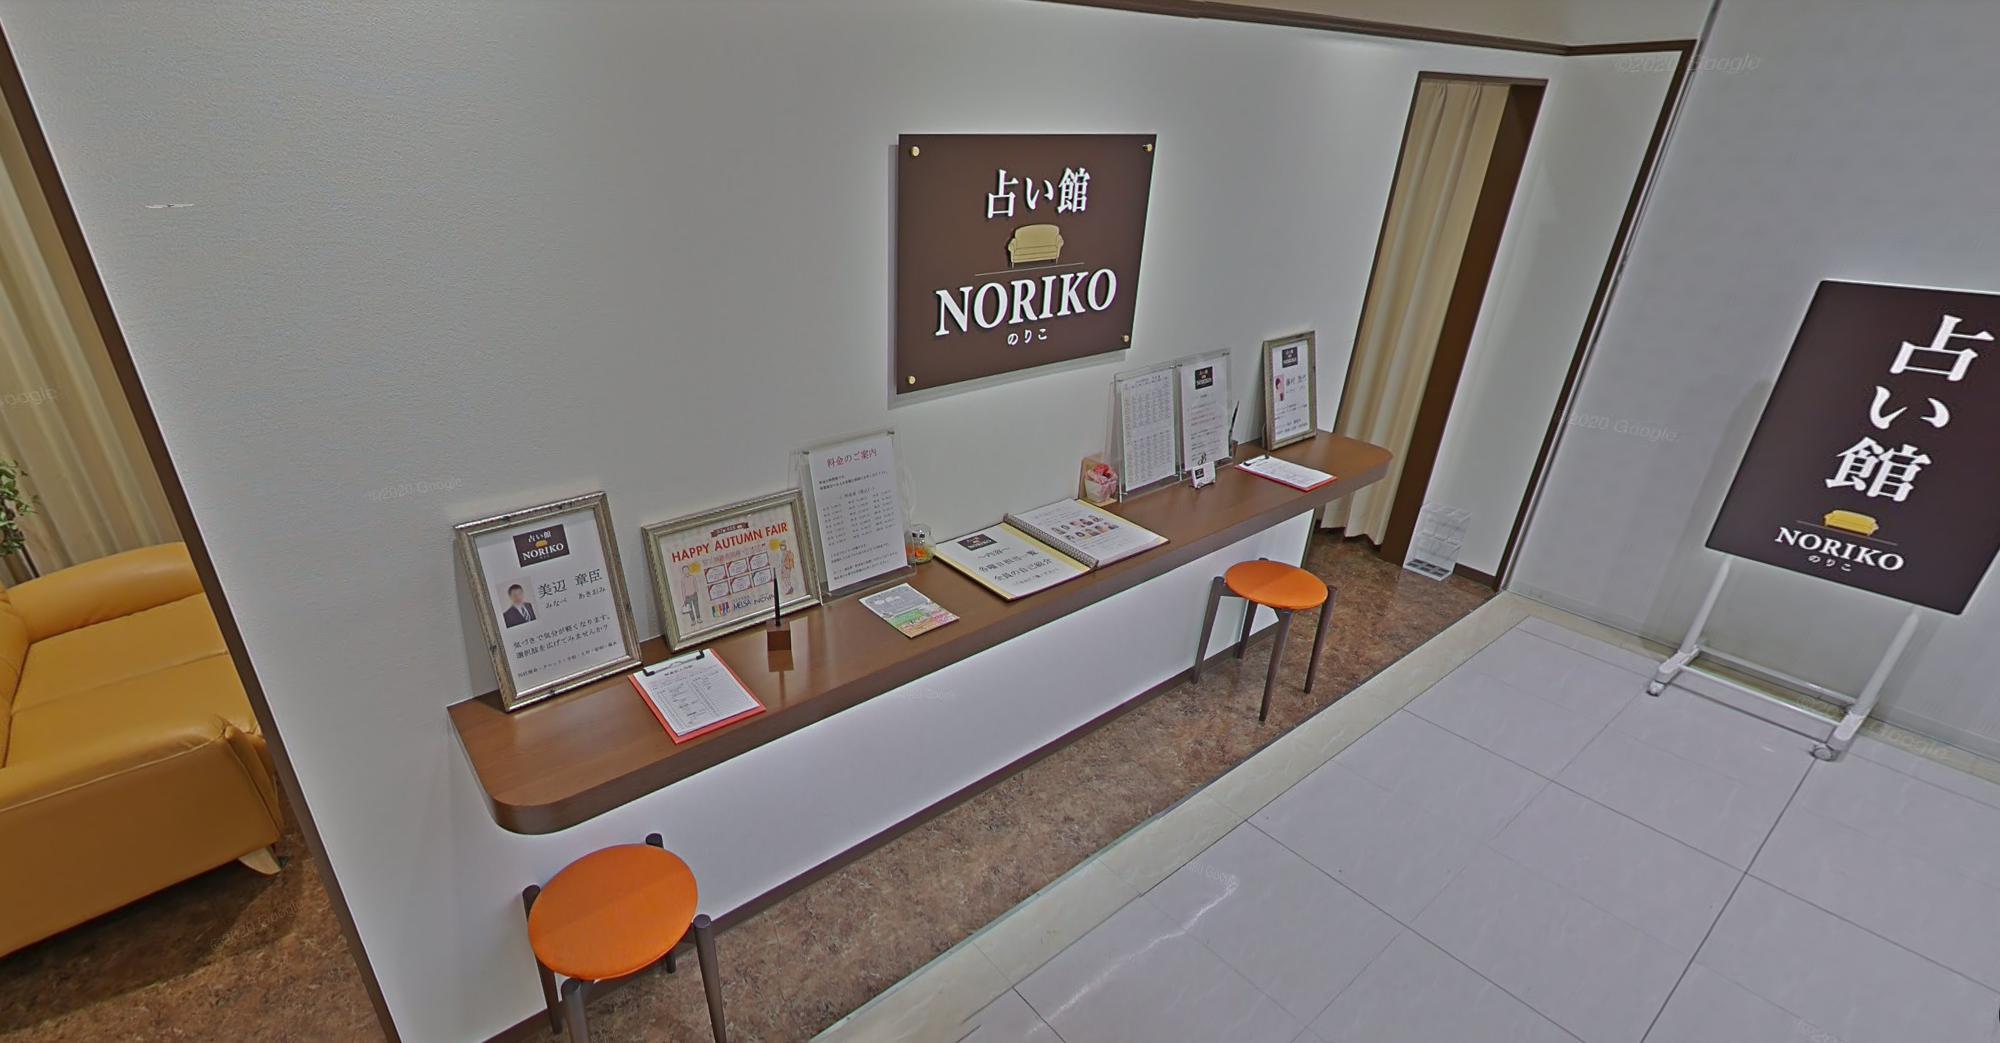 名古屋の占いで当たる安い「占い館 NORIKO(のりこ)